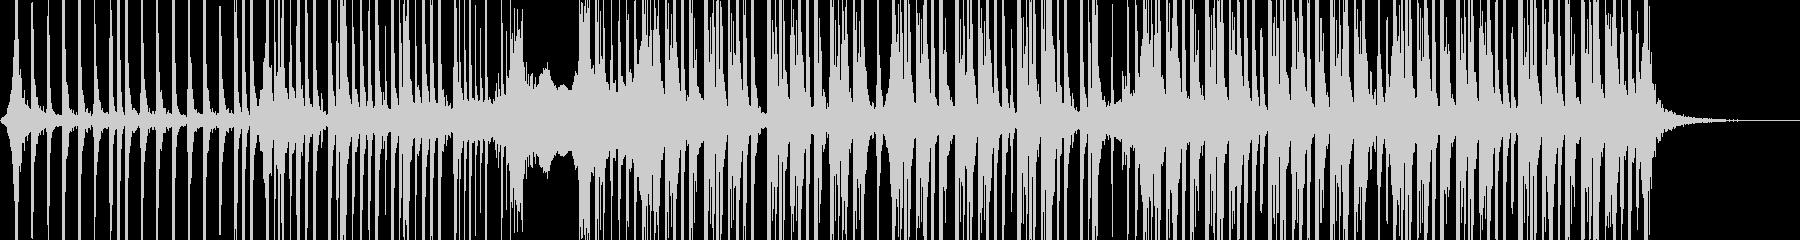 コーポレート 野生 燃焼 パーカッションの未再生の波形